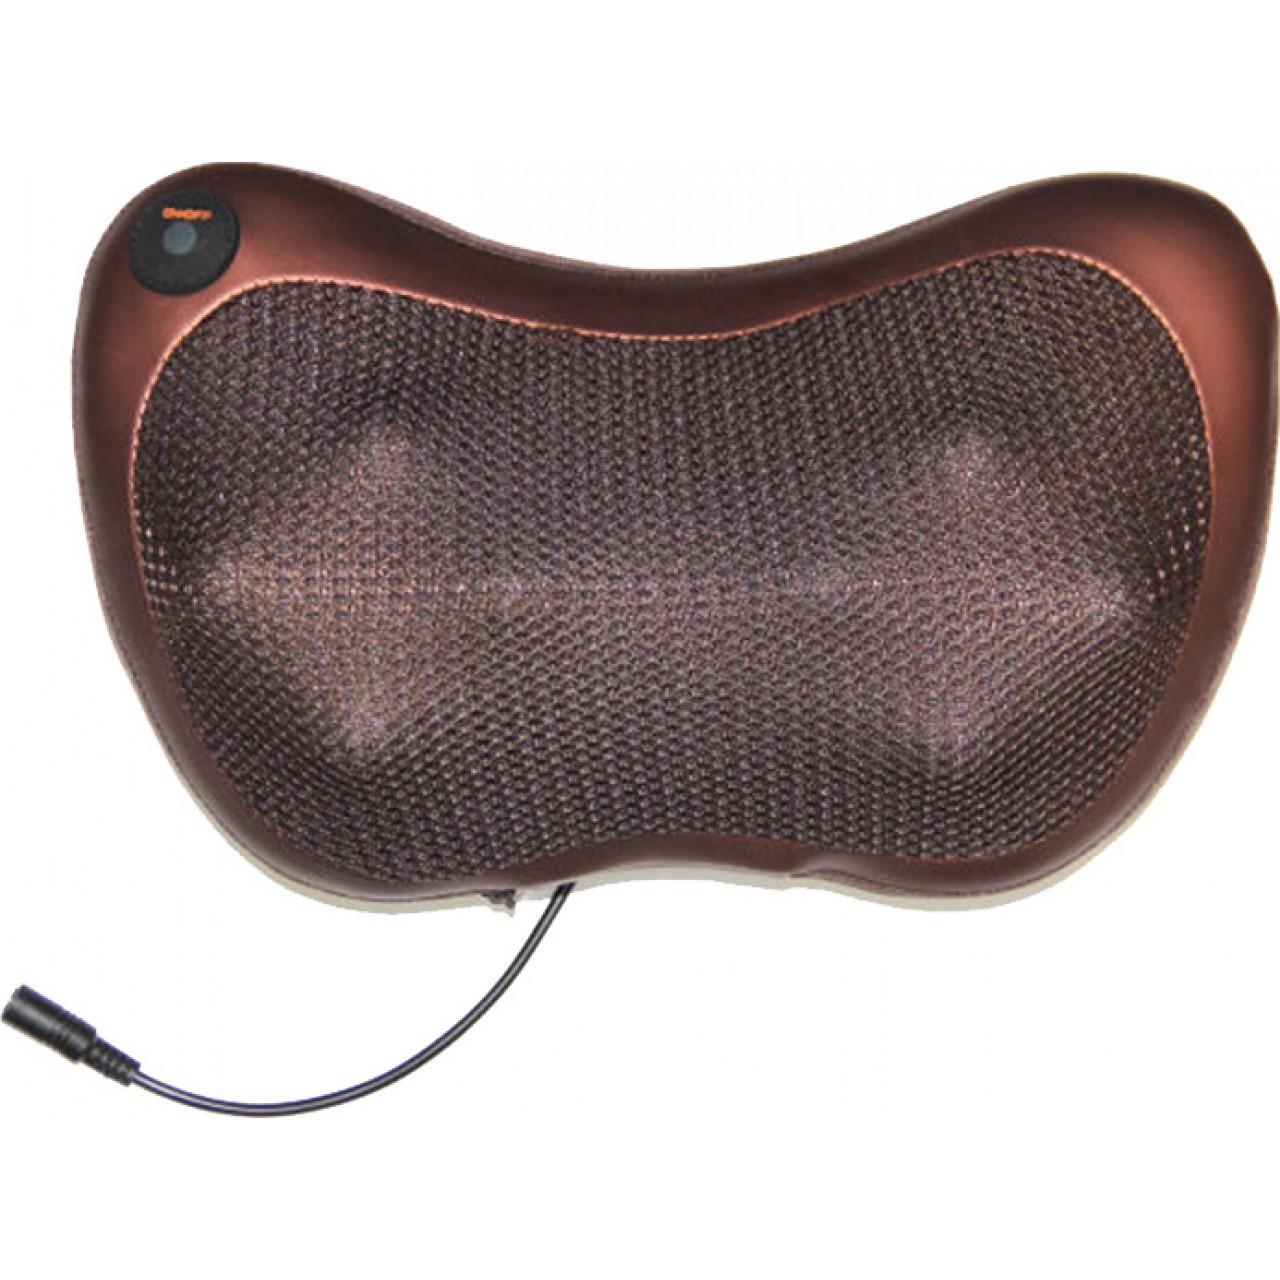 Ηλεκτρικό μαξιλάρι με 4 κεφαλές για μασάζ CHM 8028 - 5100